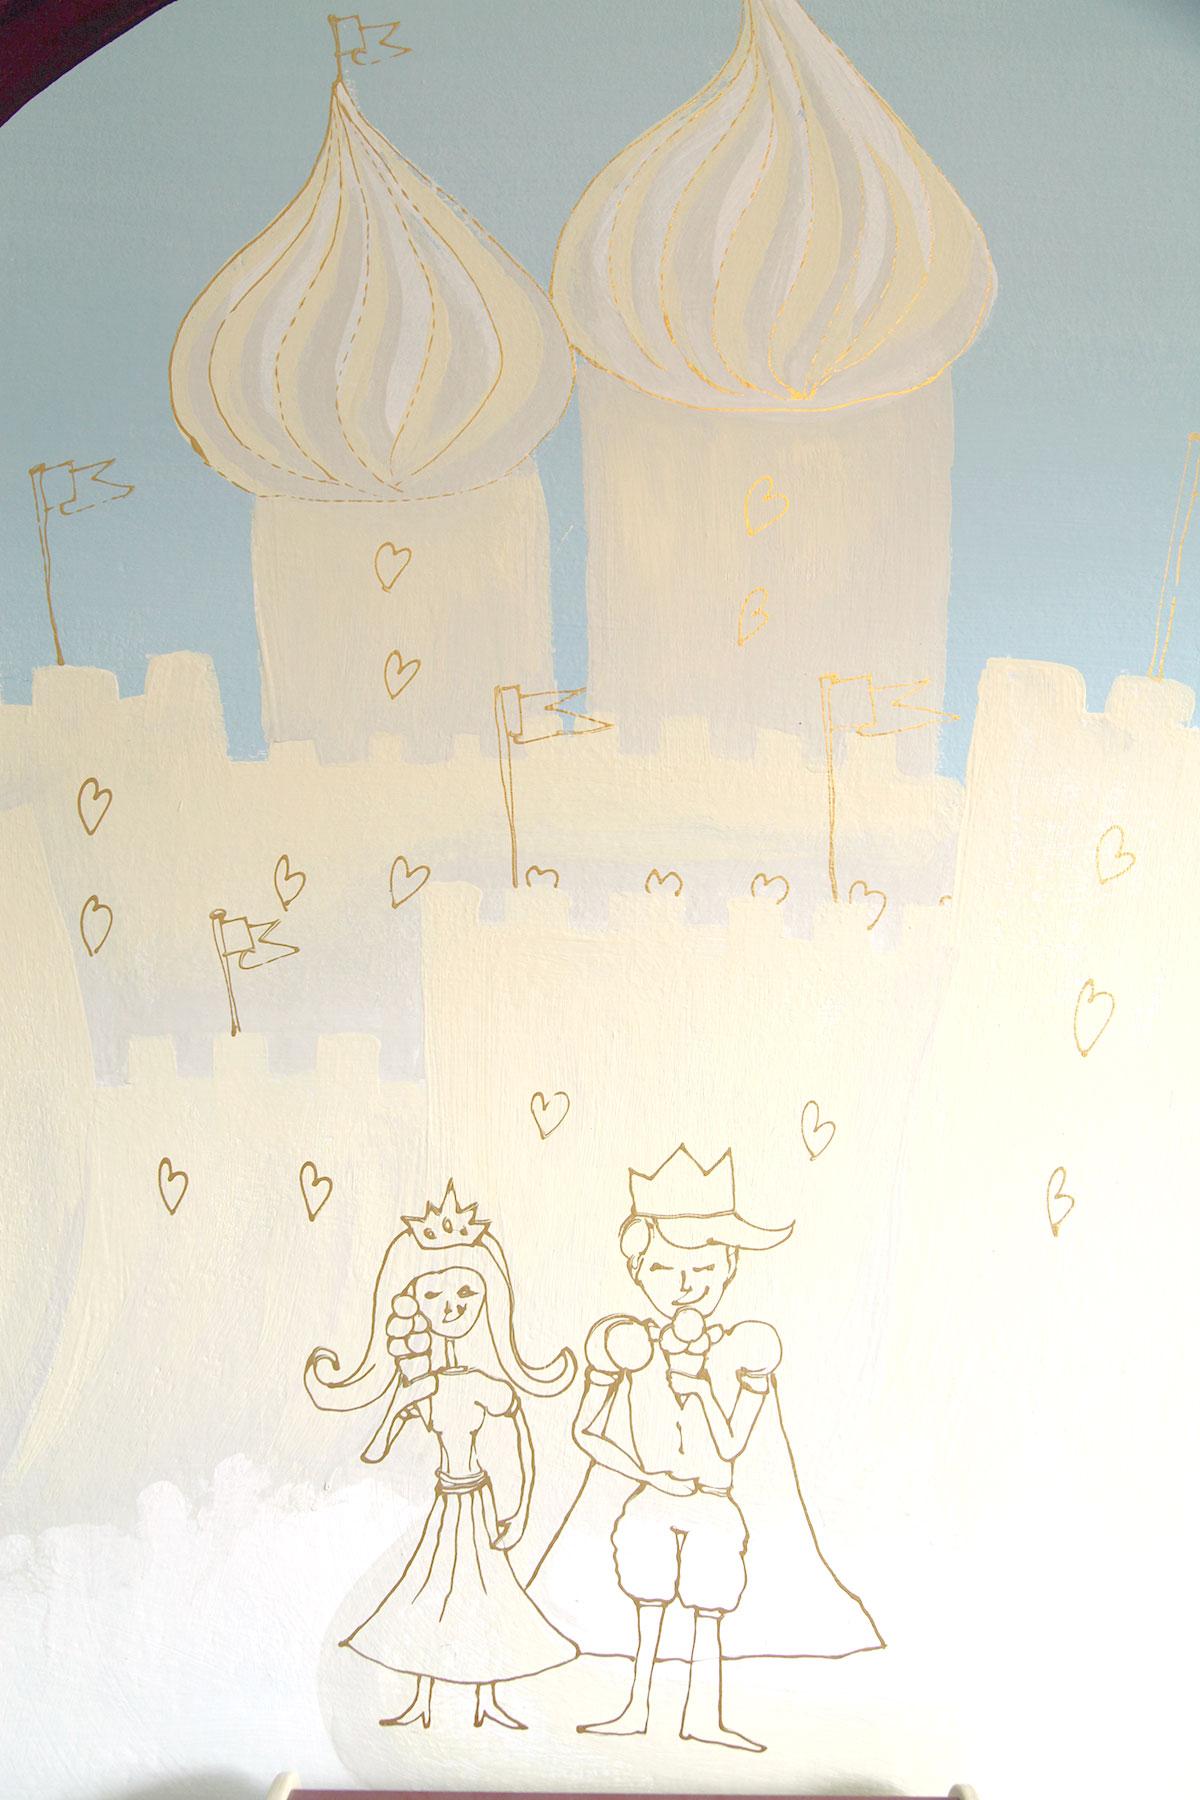 Prinzessin und König schlechen Eis. Kinderzimmer Wandgestaltung